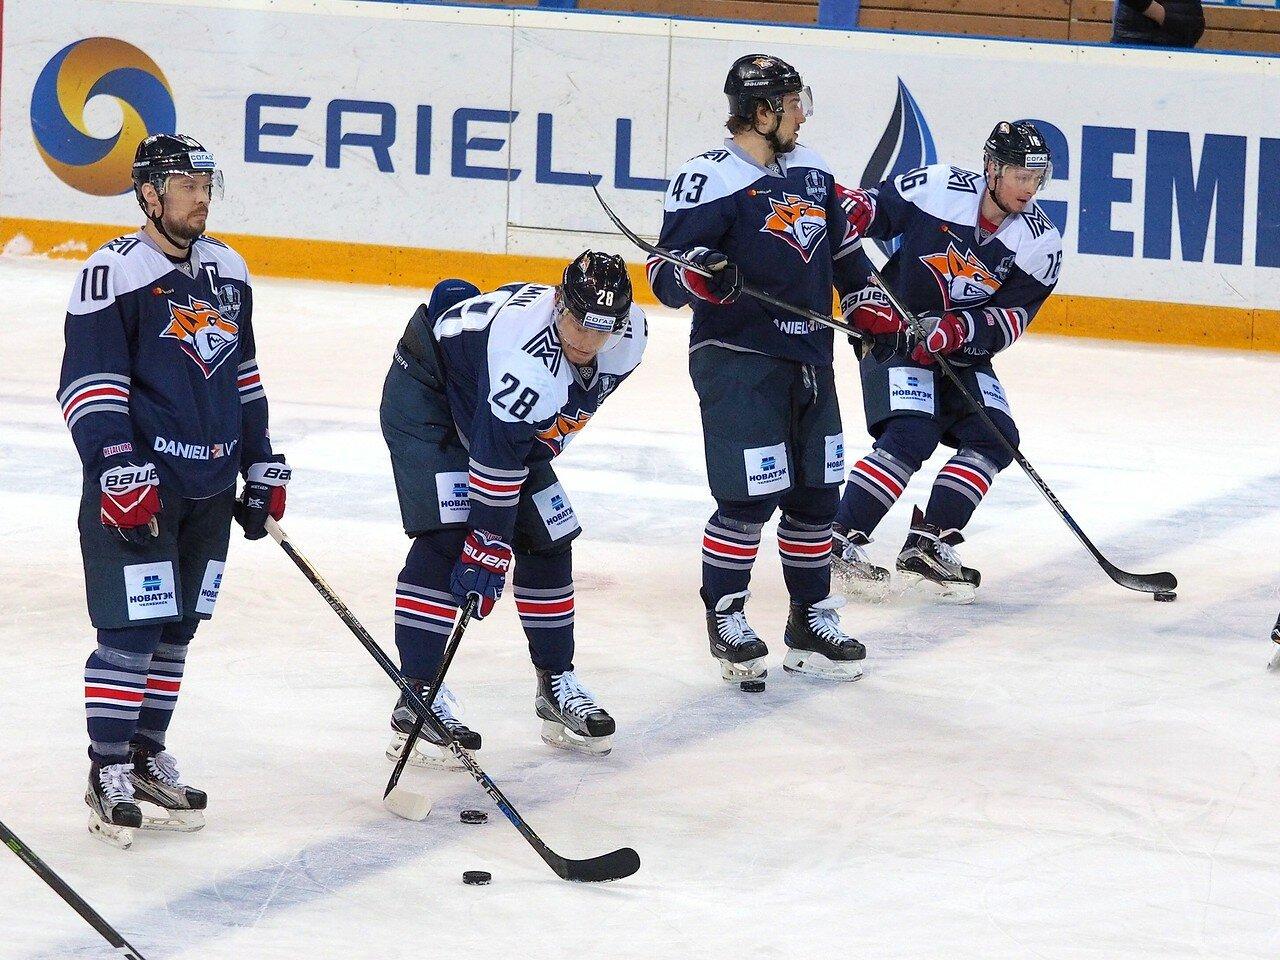 26 Первая игра финала плей-офф восточной конференции 2017 Металлург - АкБарс 24.03.2017